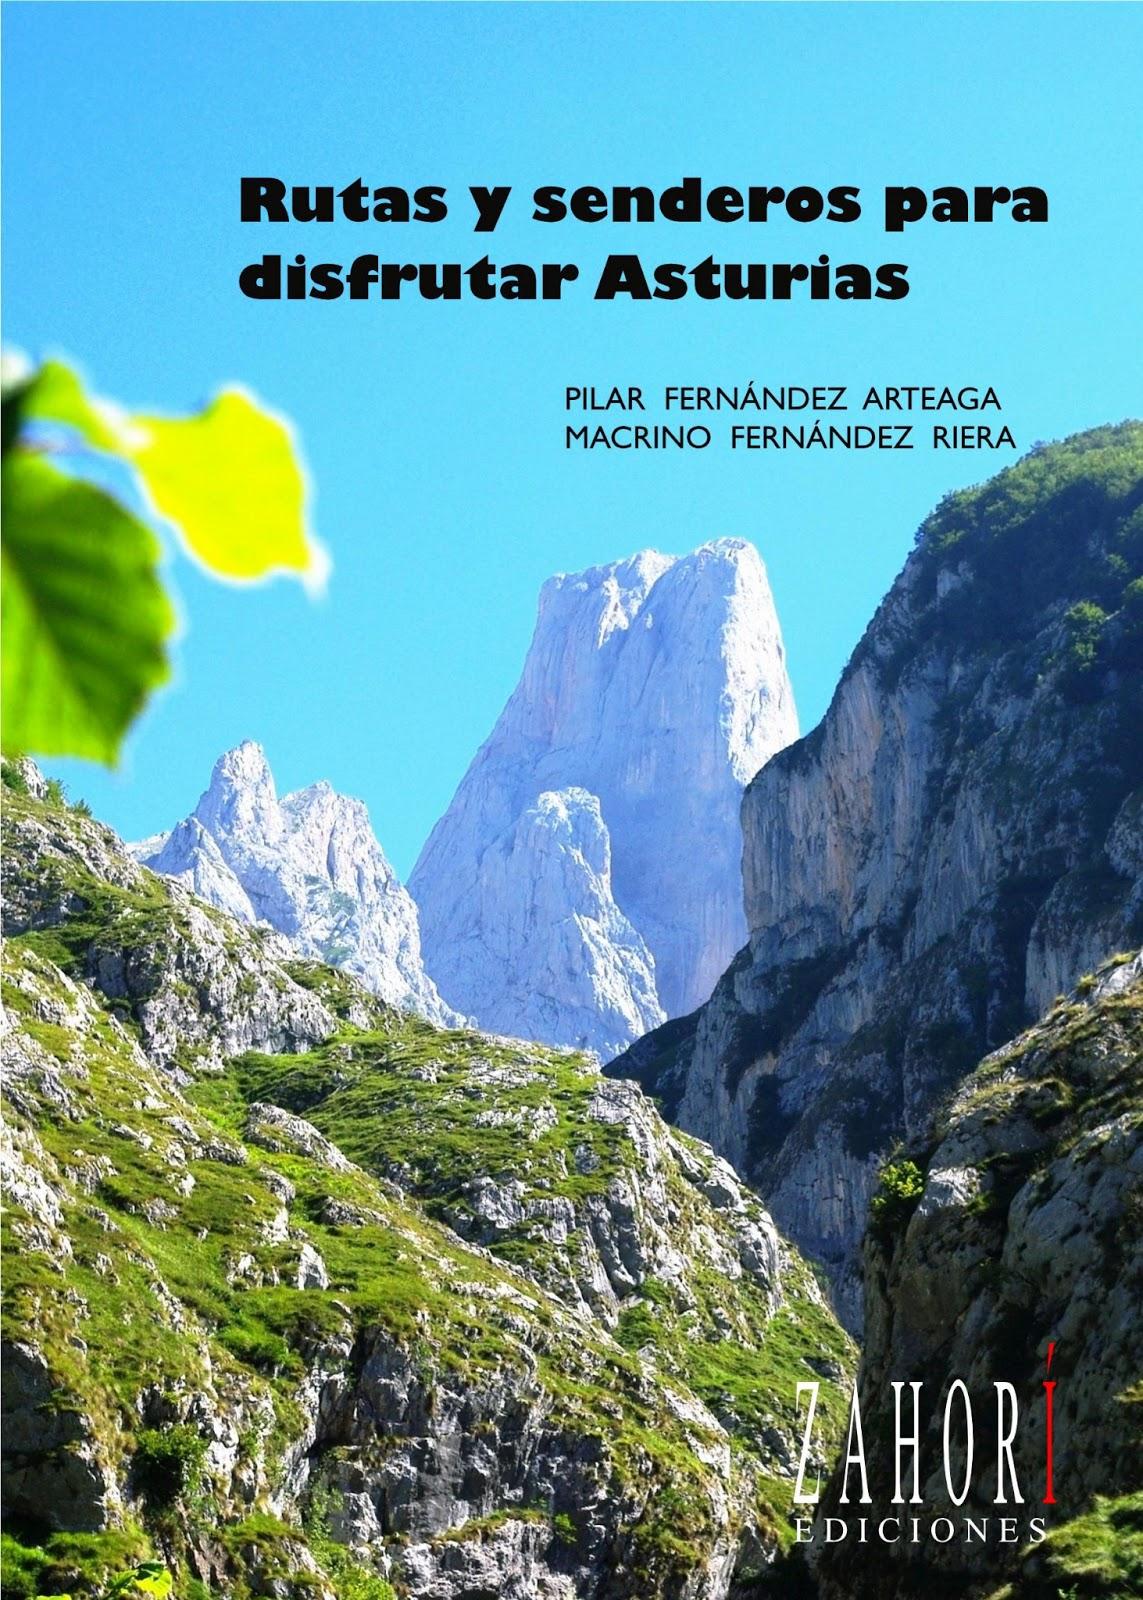 Rutas y senderos para disfrutar Asturias, portada